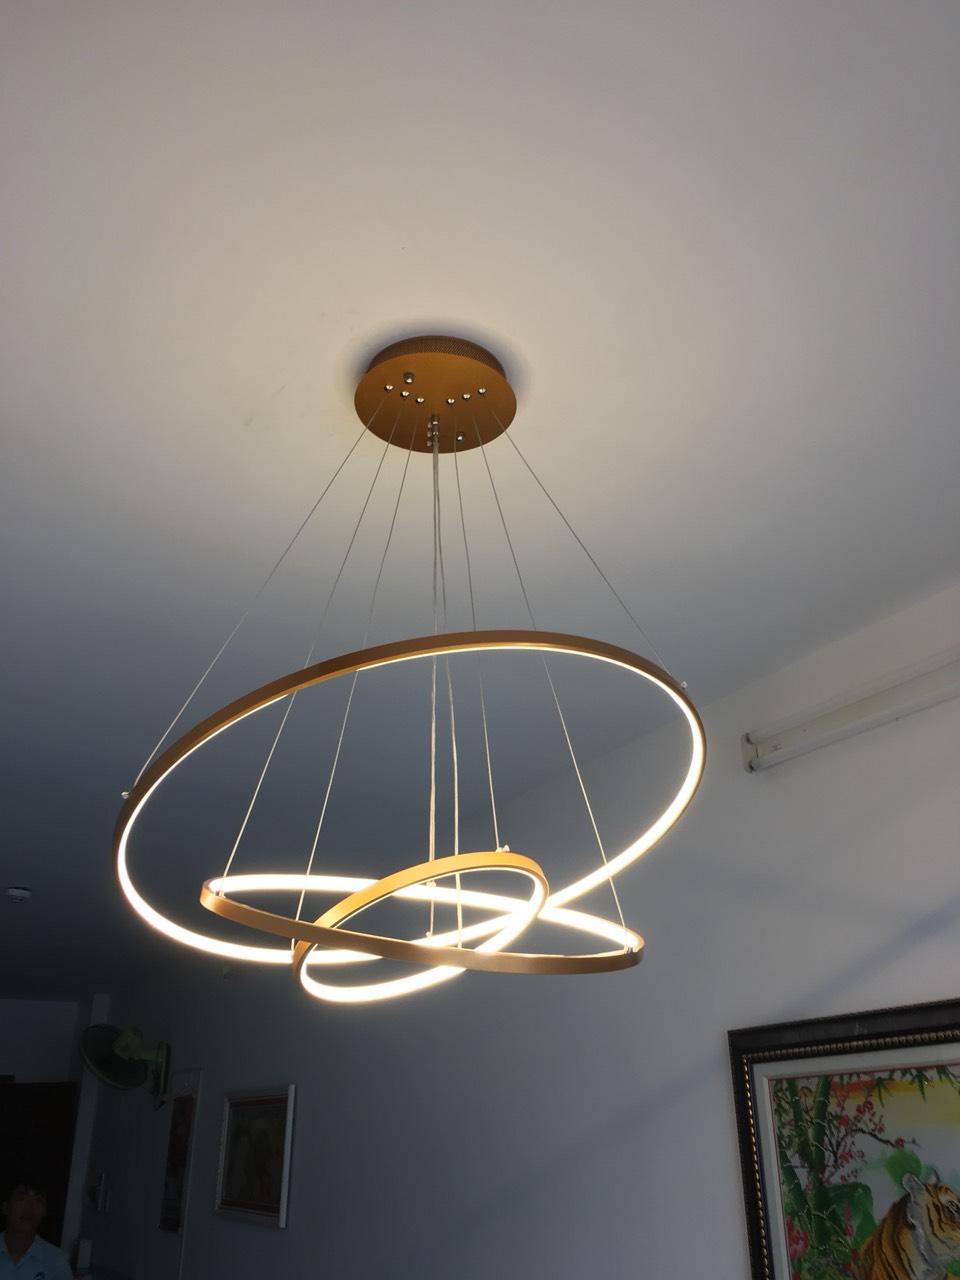 768d95b04772bc2ce563 - 10 mẫu đèn đẹp hiện đại thả phòng khách giành cho năm 2020